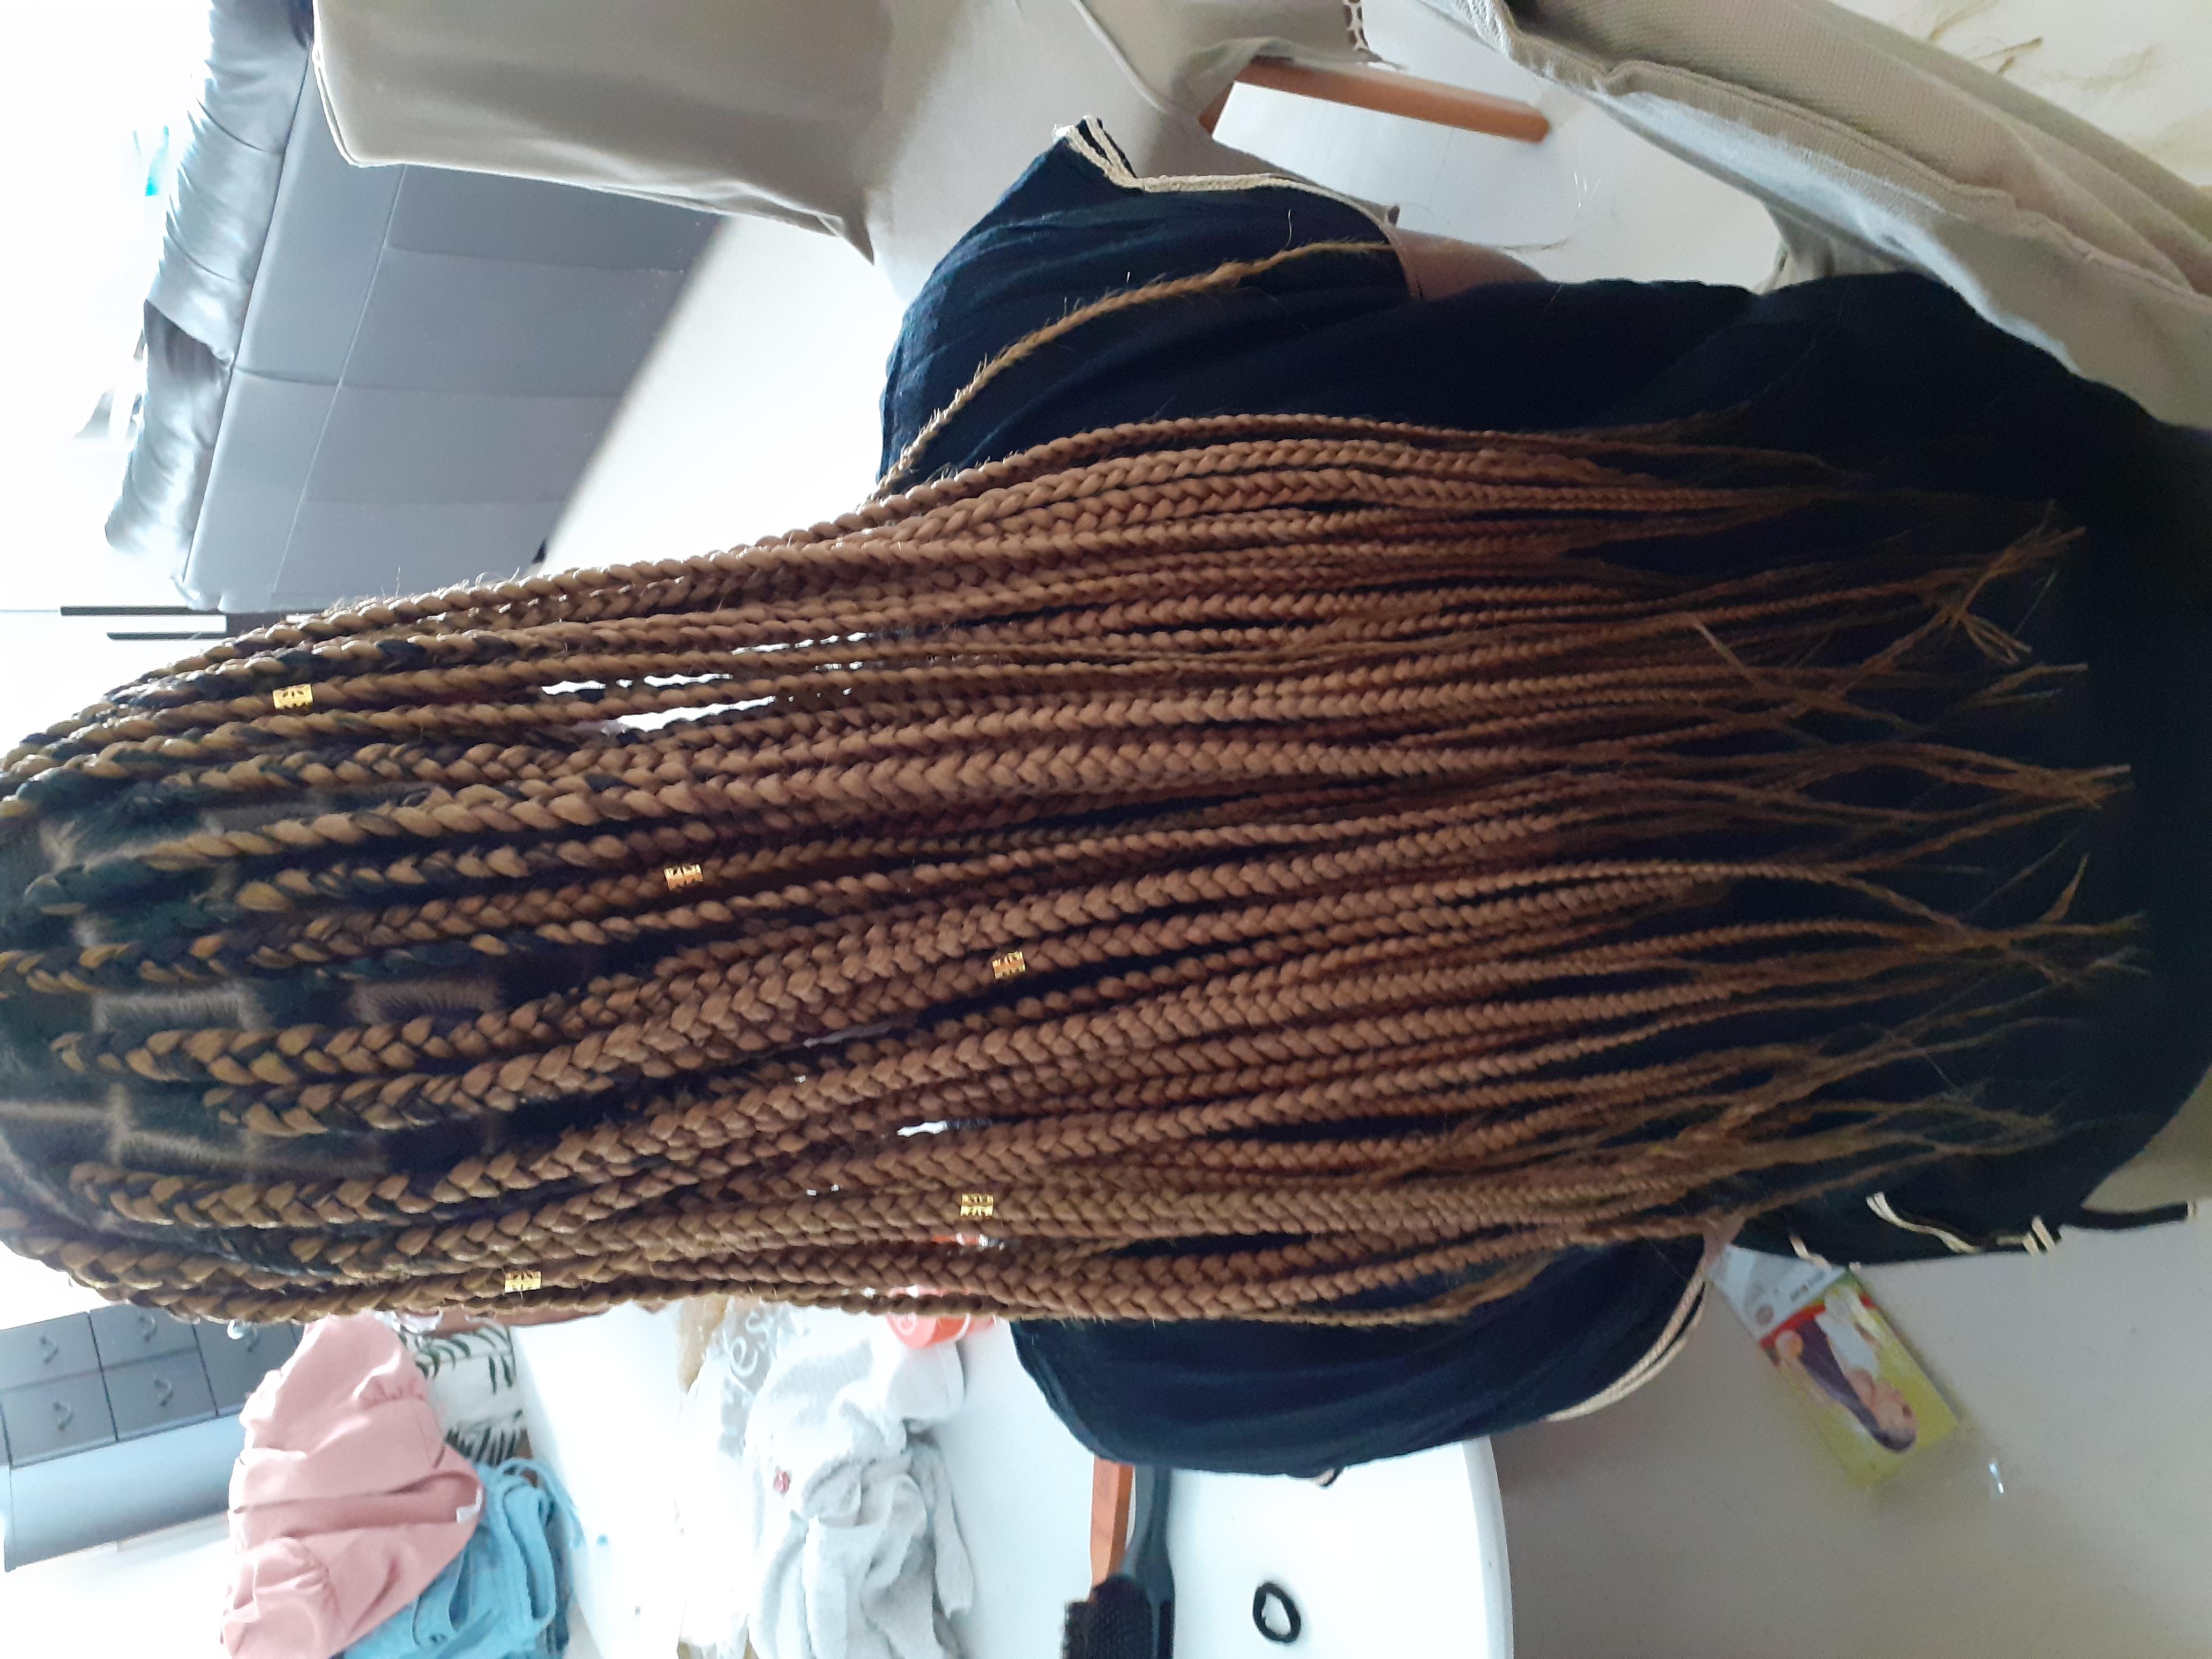 salon de coiffure afro tresse tresses box braids crochet braids vanilles tissages paris 75 77 78 91 92 93 94 95 VUZXTIKX